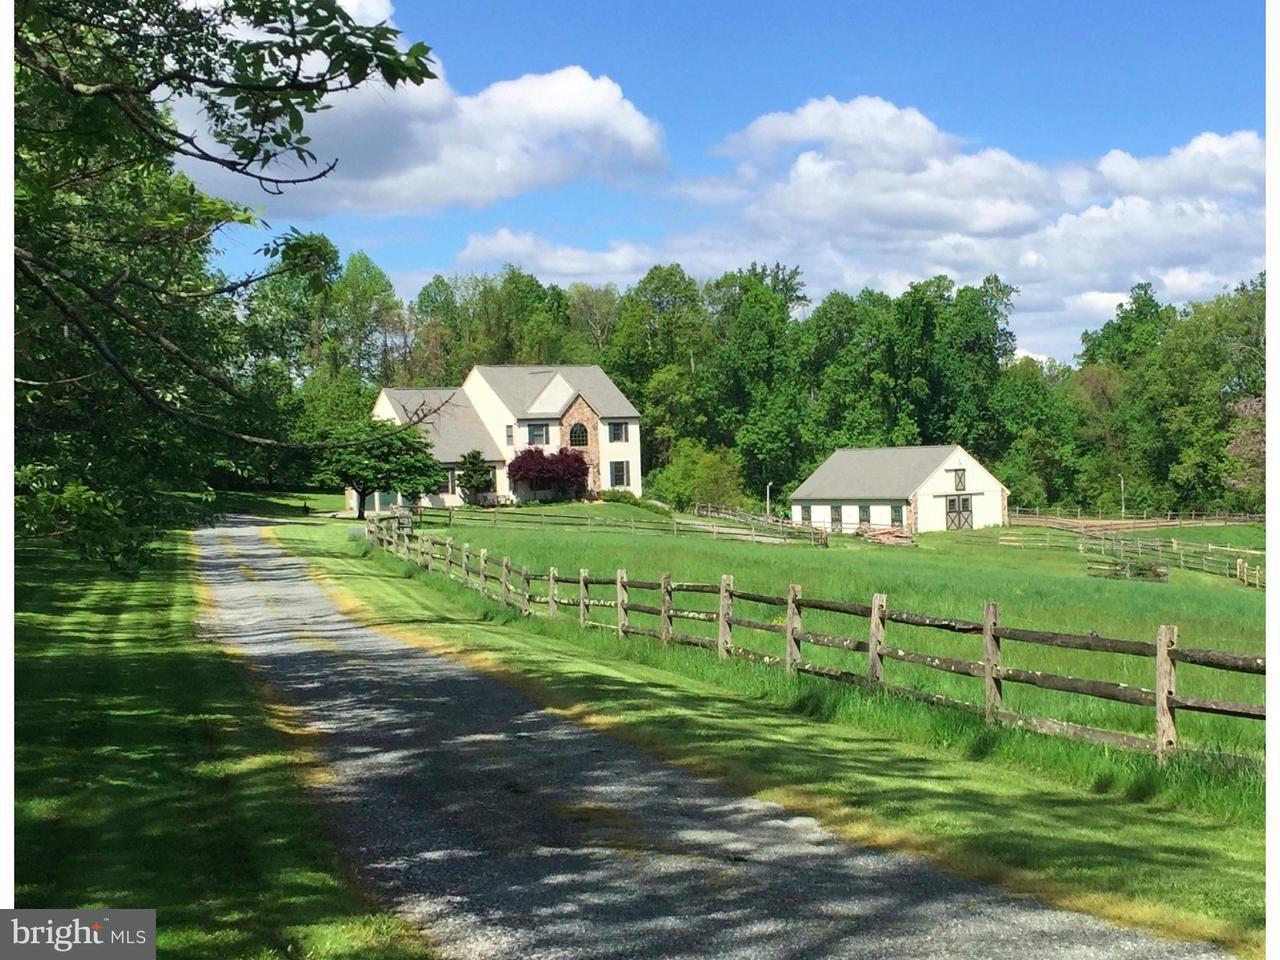 Частный односемейный дом для того Продажа на 271 HILL Road Elverson, Пенсильвания 19520 Соединенные Штаты